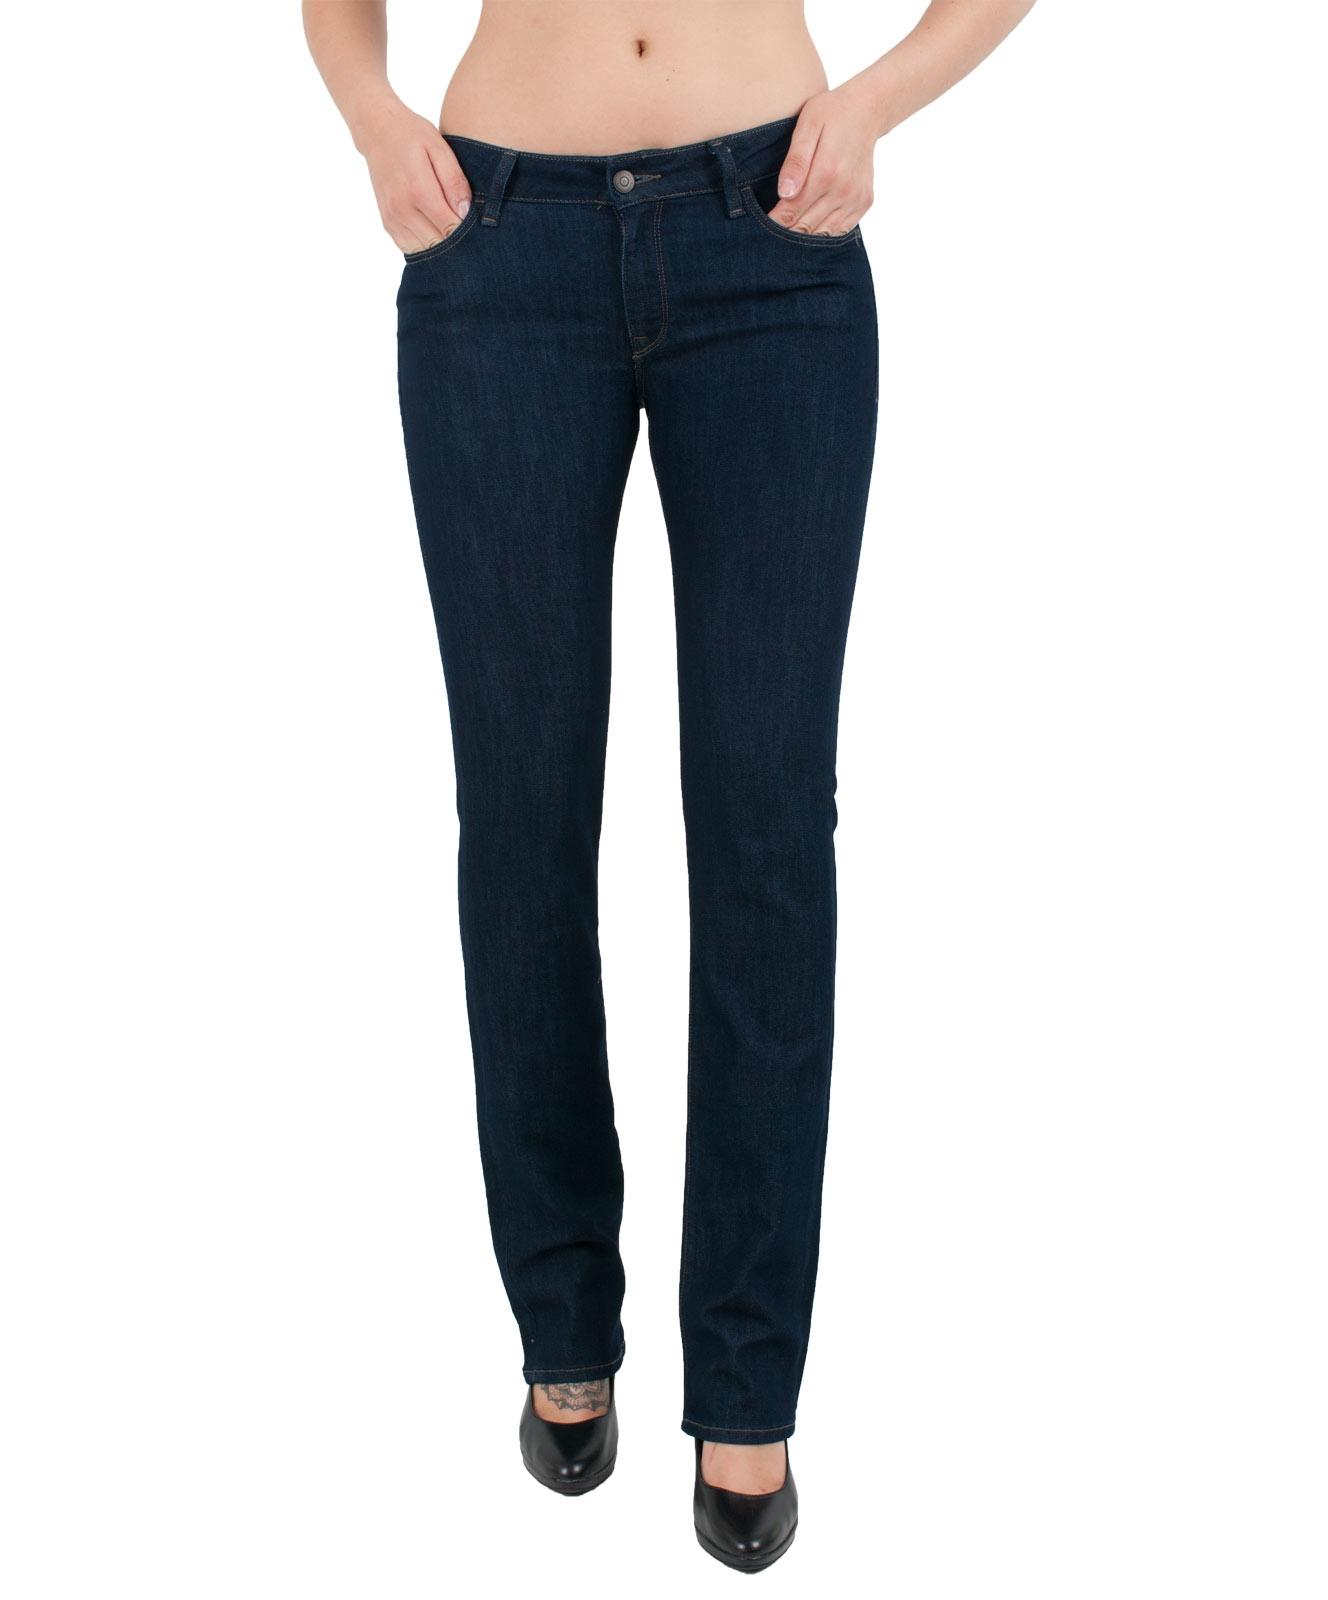 Hosen für Frauen - MAVI Jeans OLIVIA Straight Leg Rinse Sunset Stretch  - Onlineshop Jeans Meile